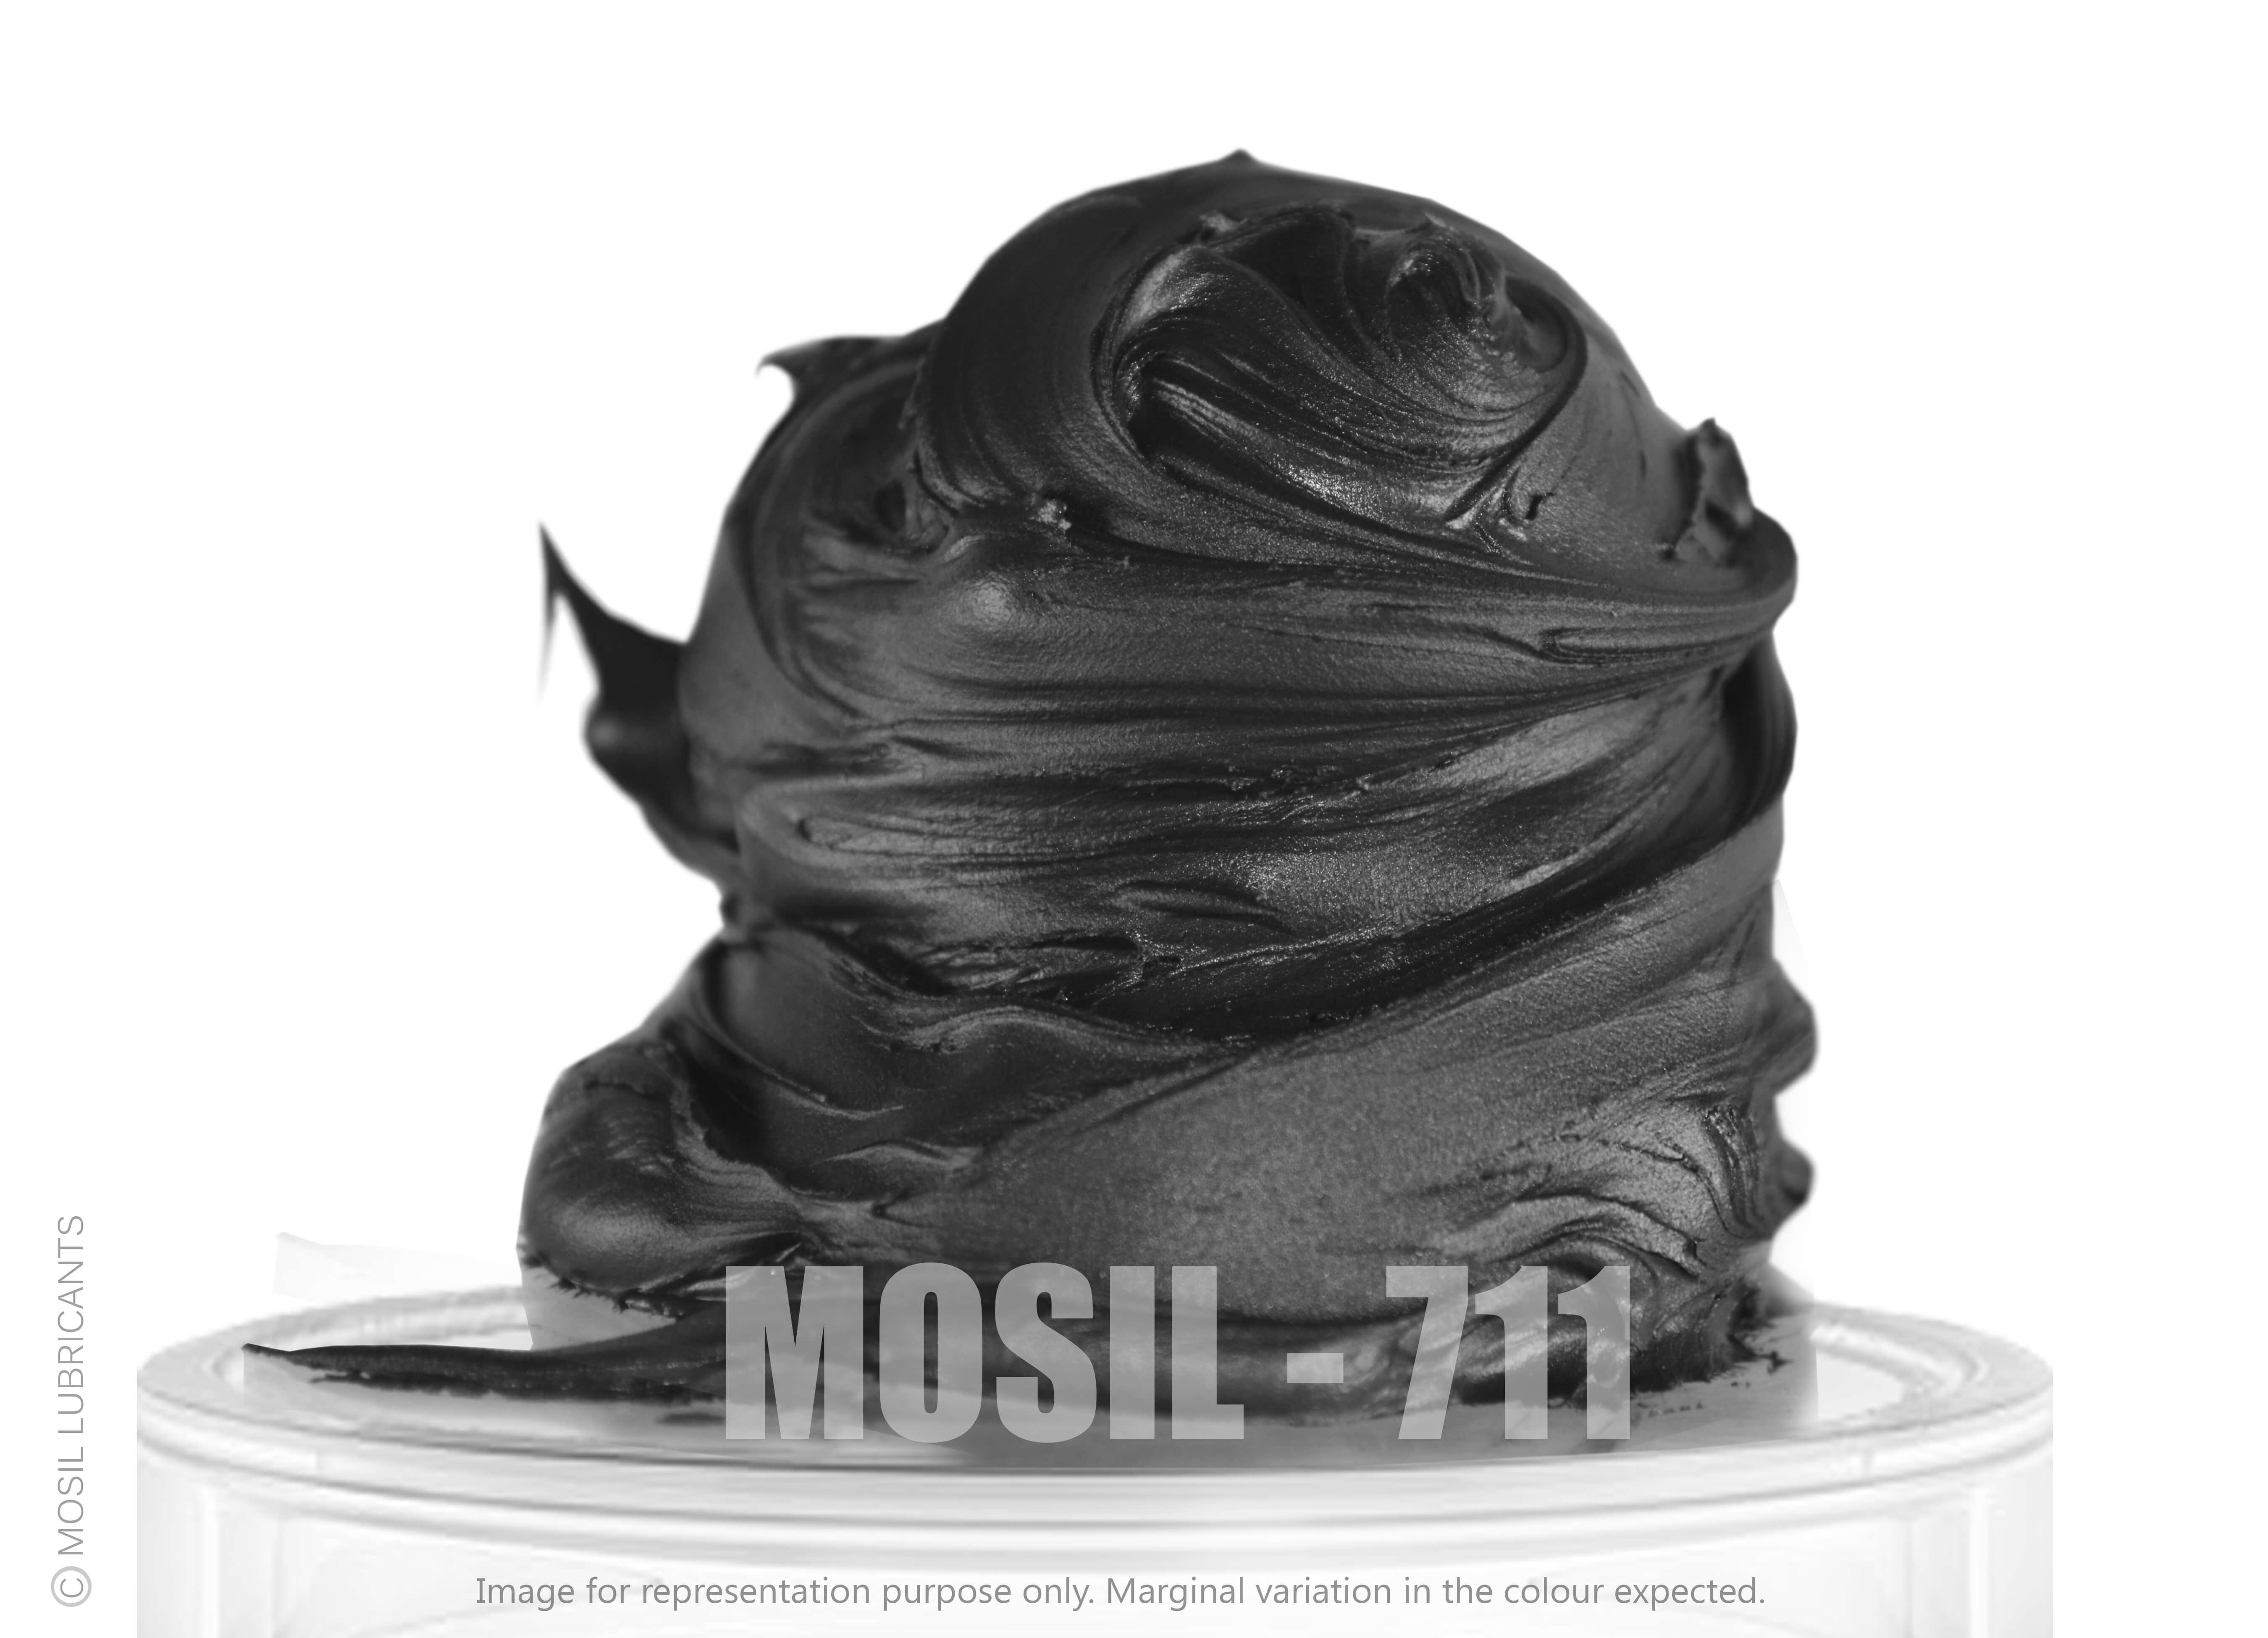 MOSIL - 711 | Plug Valve Lubricant